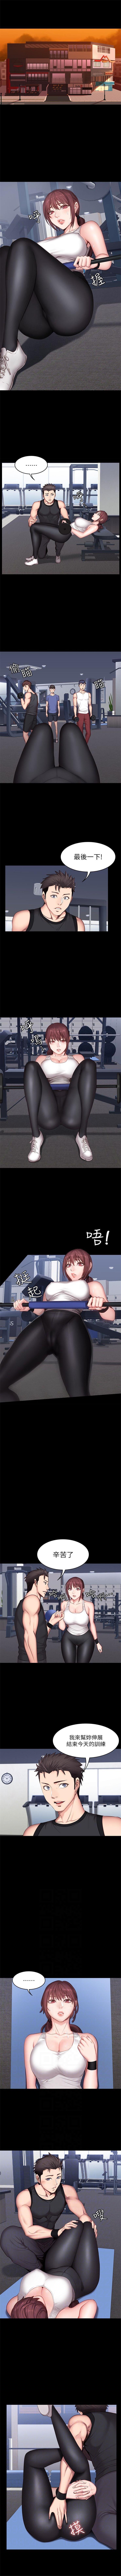 健身教練 1-56 官方中文(連載中) 123